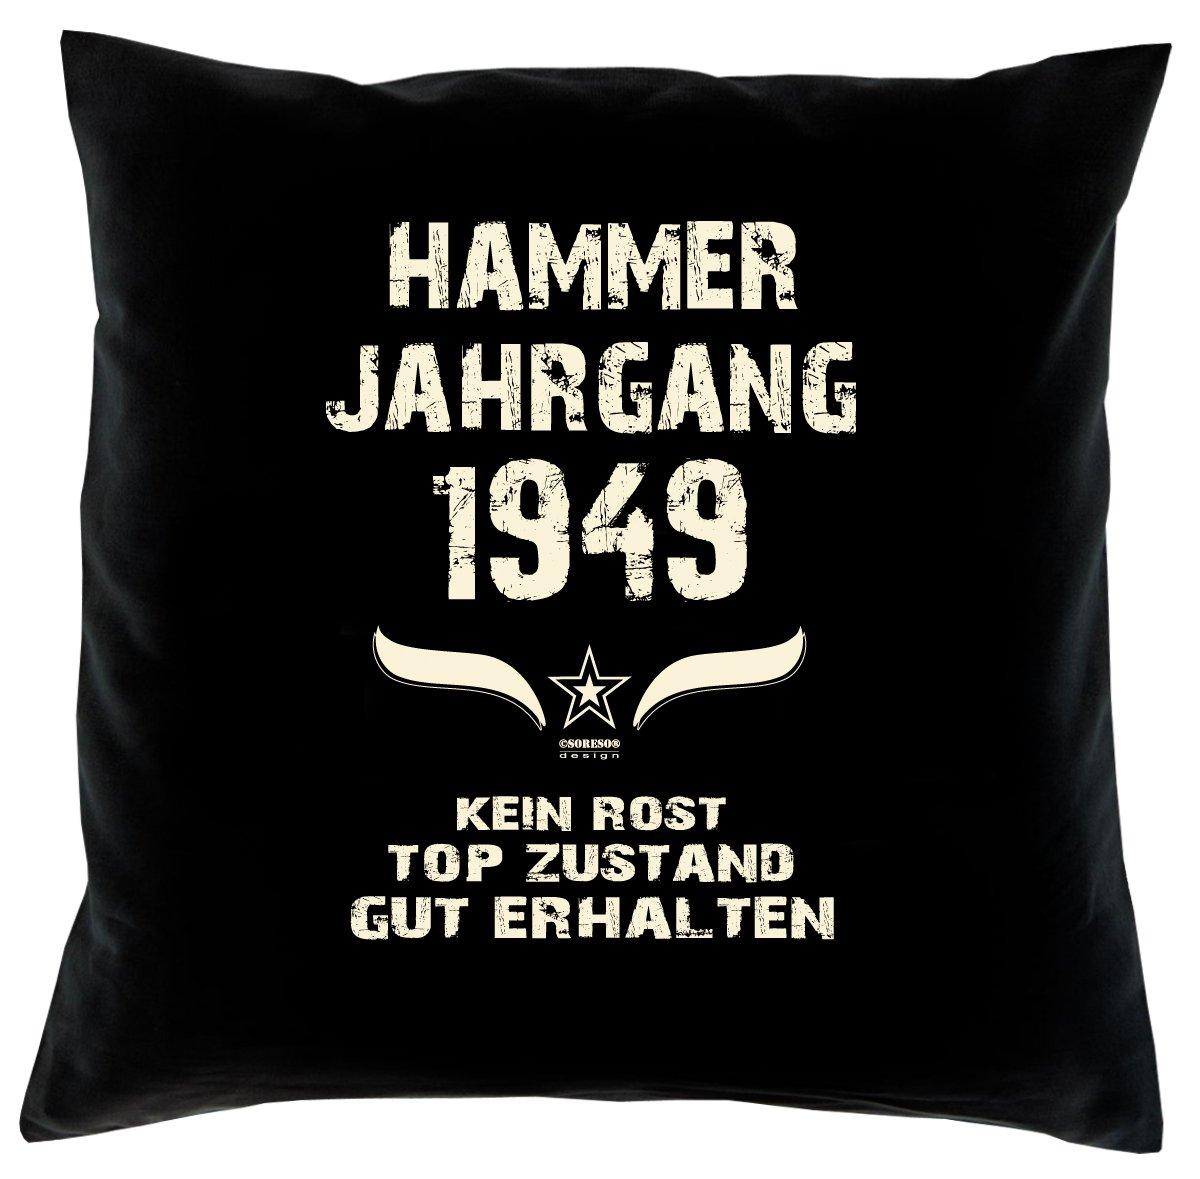 Cooles – Fun – Kissen – Sitzkissen – Zum 67. Geburtstag – Hammer Jahrgang 1949 Farbe: Schwarz – Größe: 40 x 40 cm jetzt kaufen